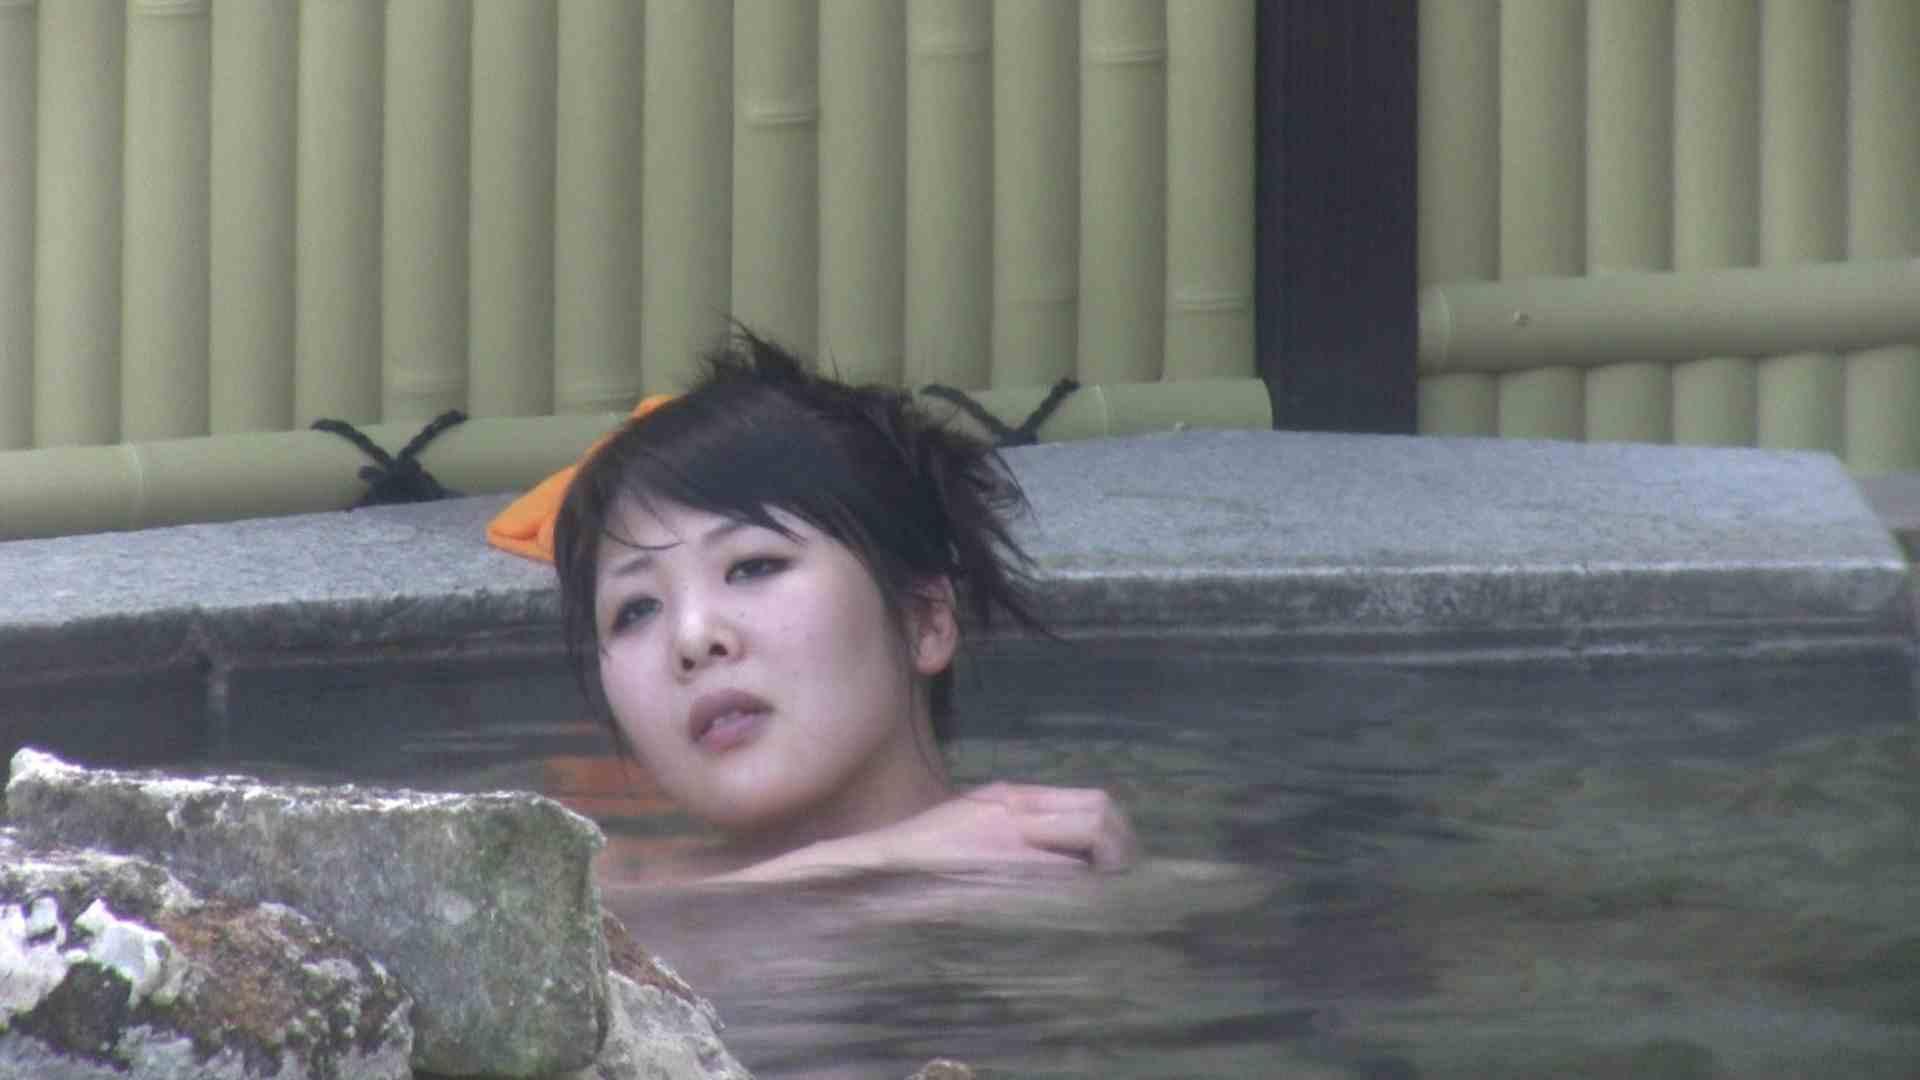 Aquaな露天風呂Vol.118 0  84pic 30